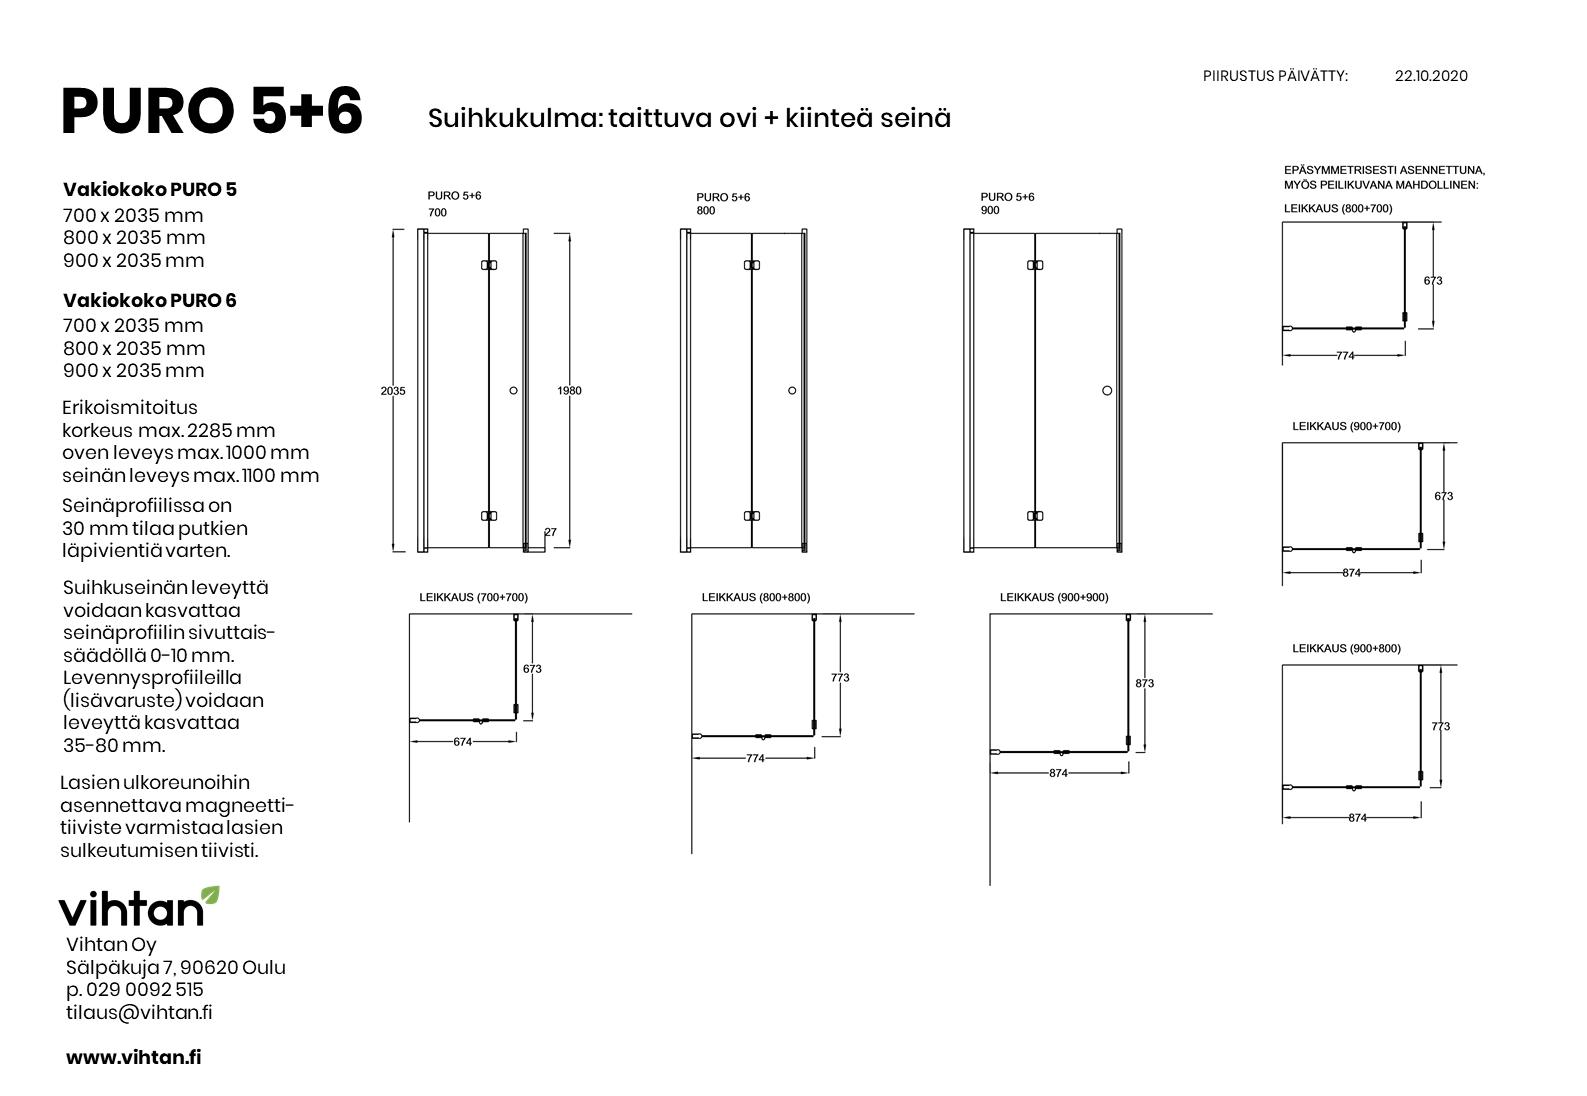 mittakuva_suihkukulma_PURO_5+6